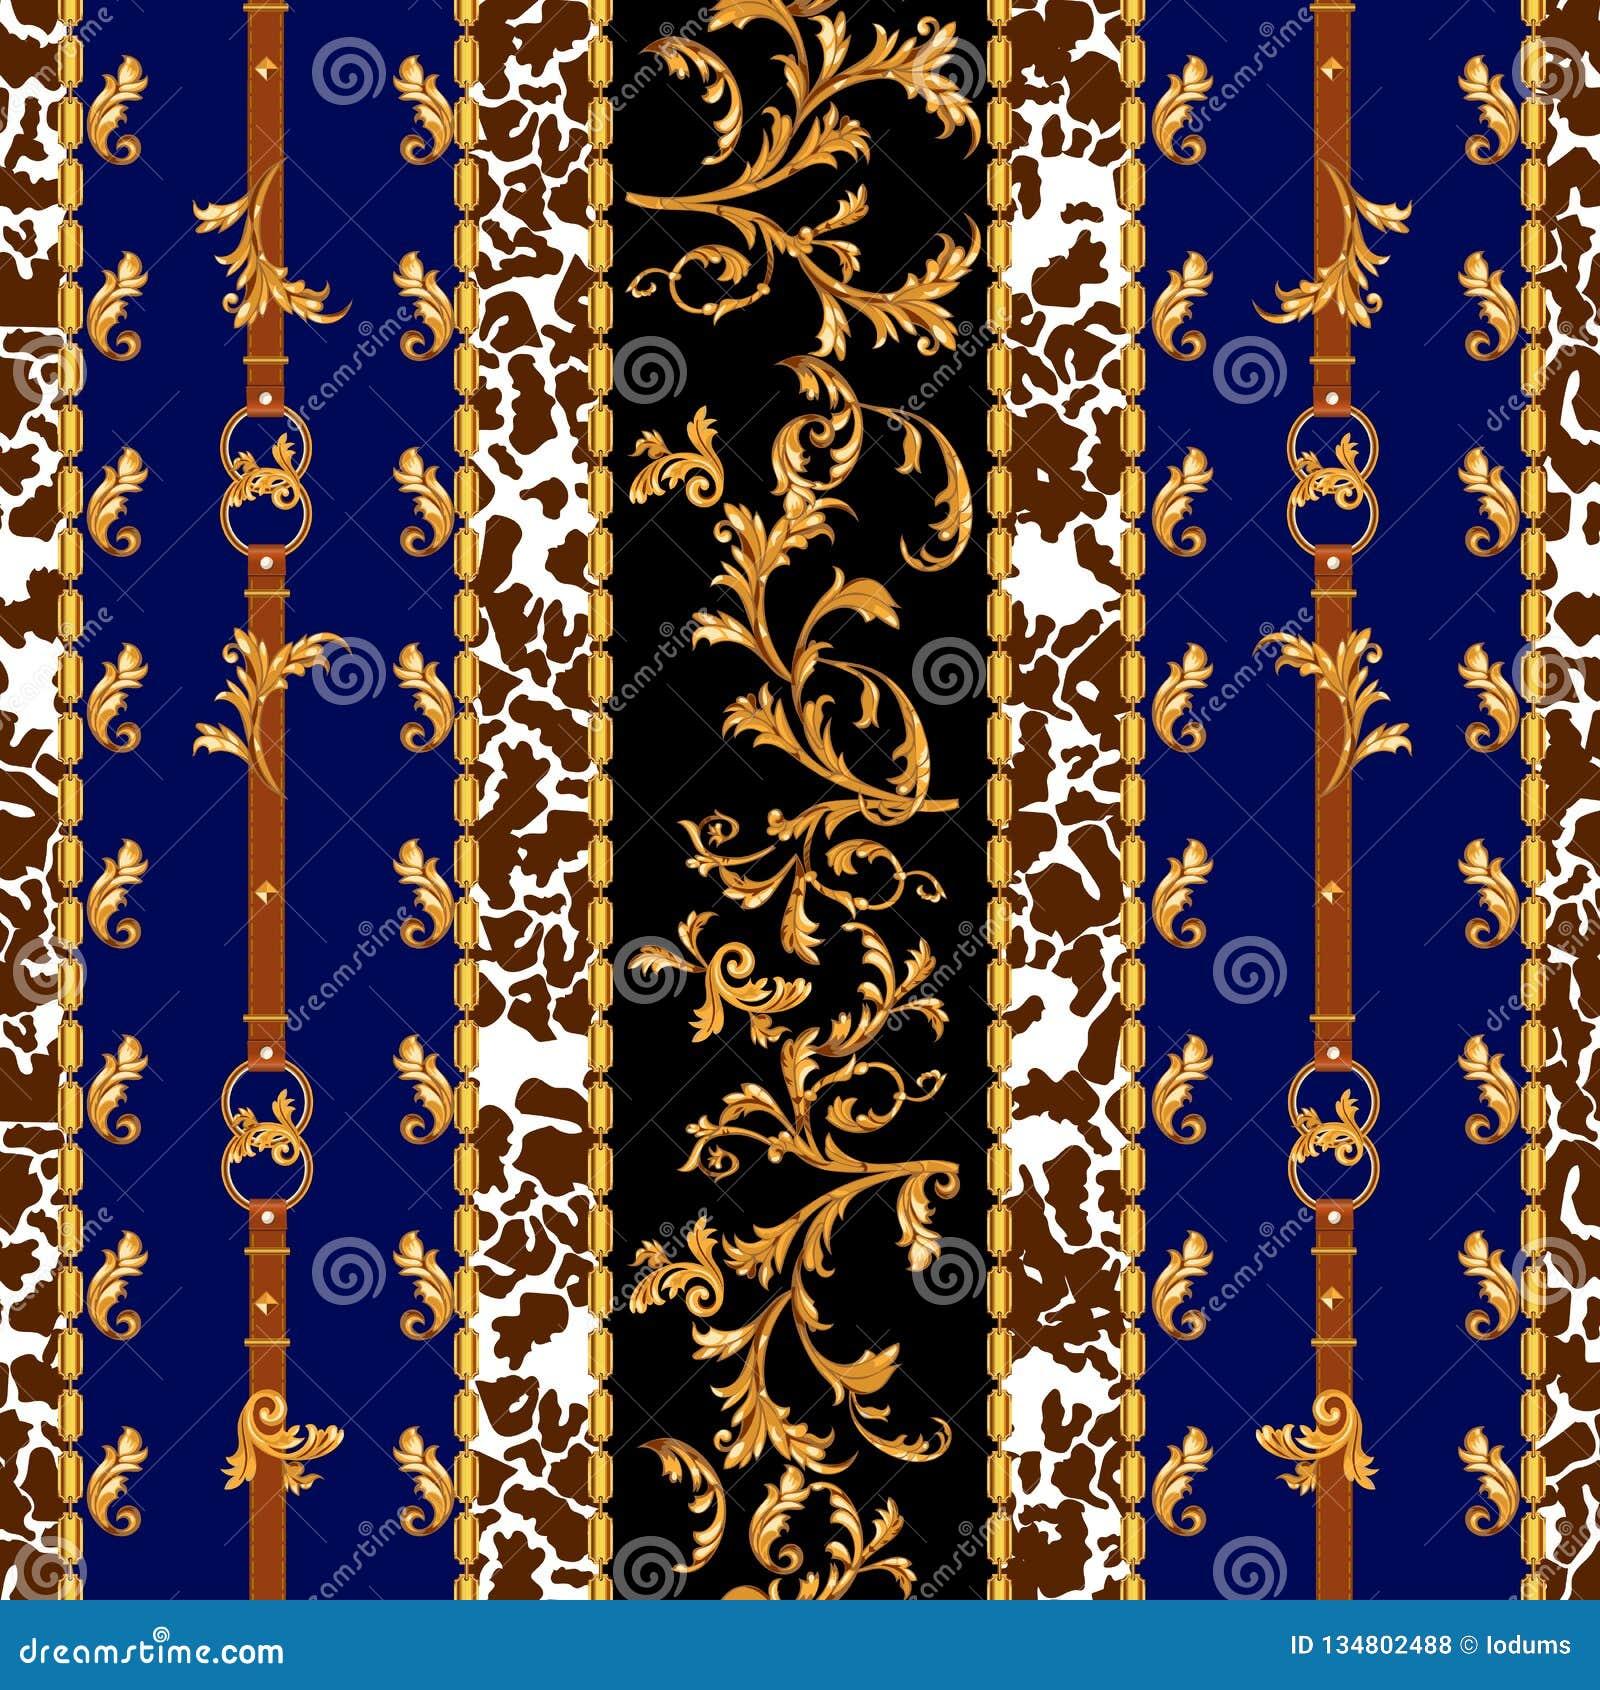 Μπαρόκ άνευ ραφής σχέδιο με τις χρυσές ζώνες, τα φύλλα και τις αλυσίδες Ριγωτό μπάλωμα για τα μαντίλι, τυπωμένη ύλη, ύφασμα